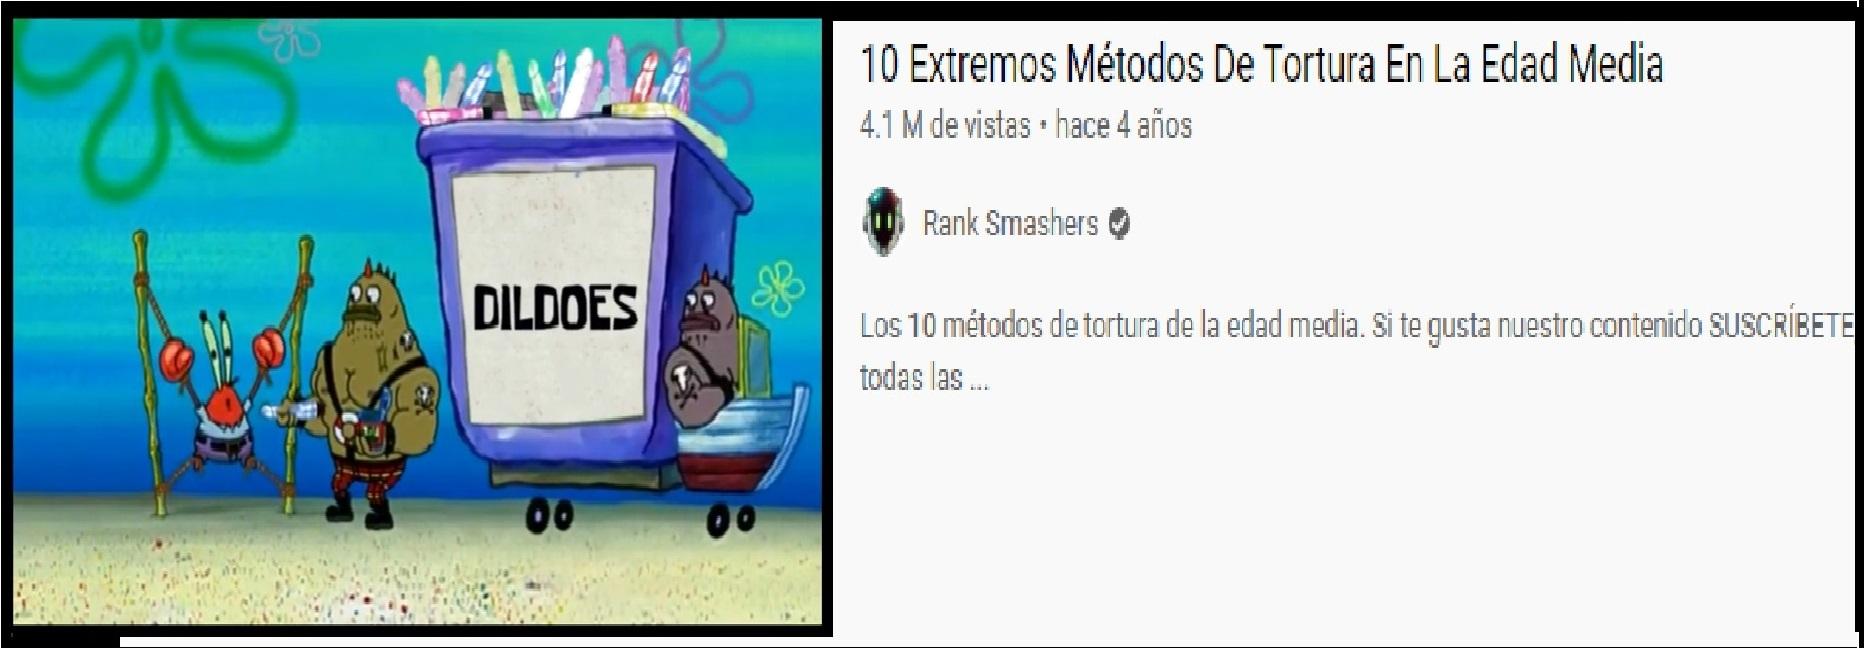 Pobre don cangrejo - meme